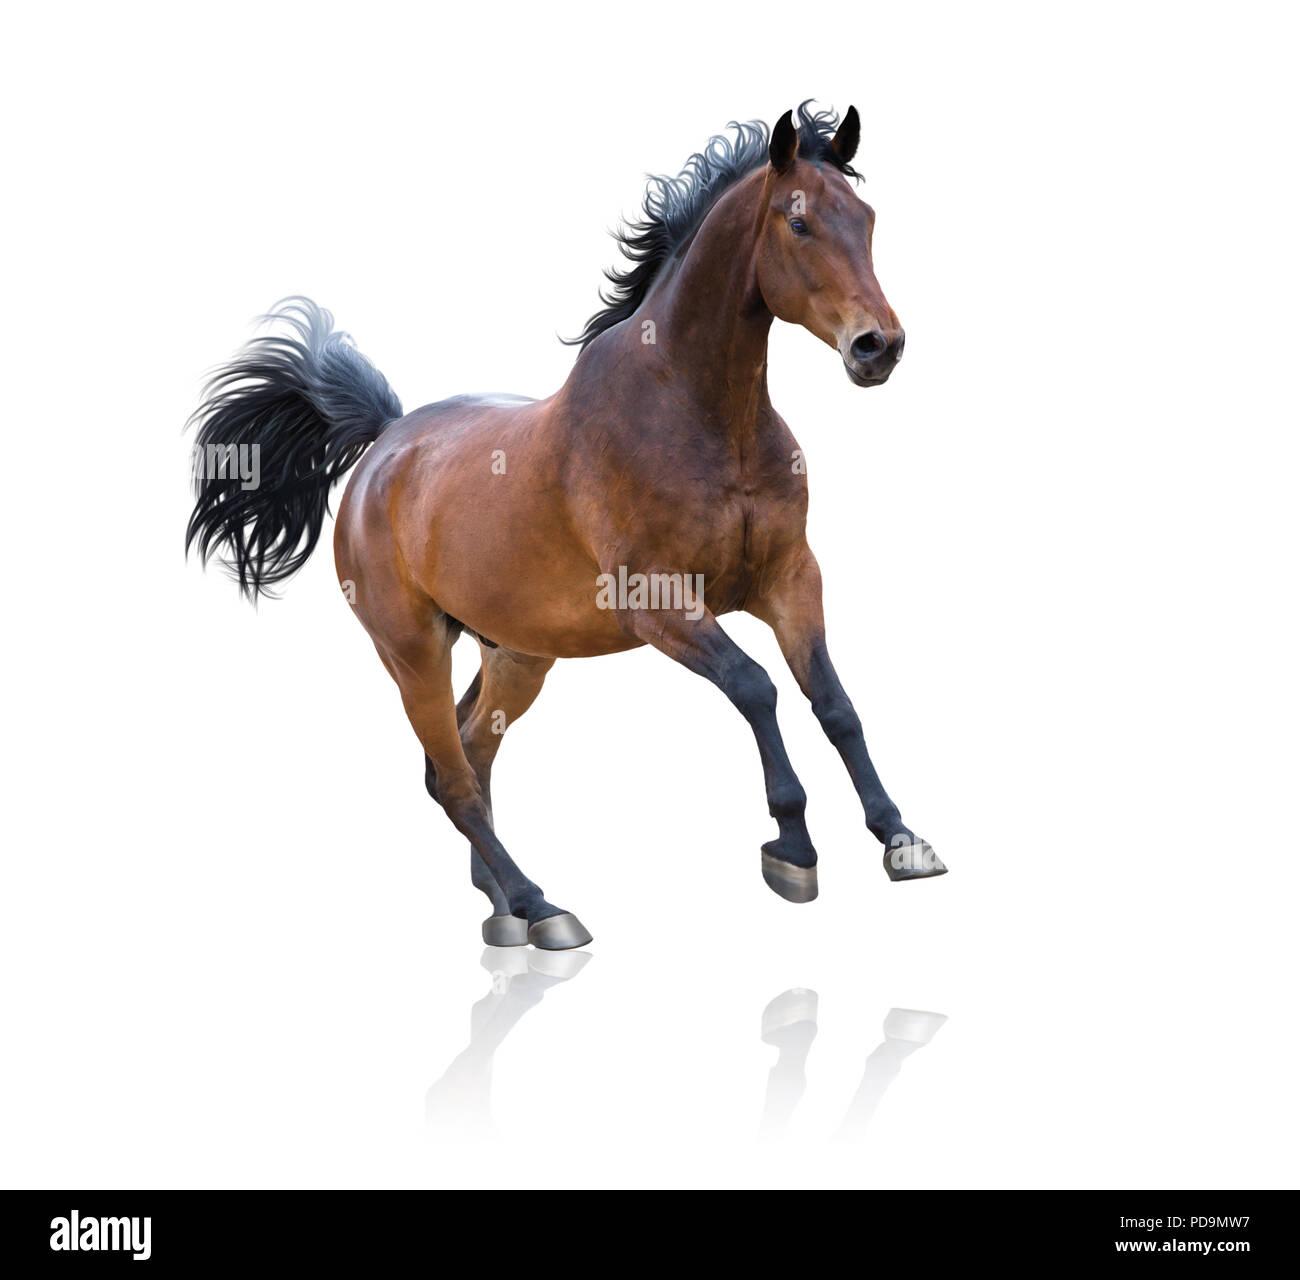 Bay horse runs on white background - Stock Image